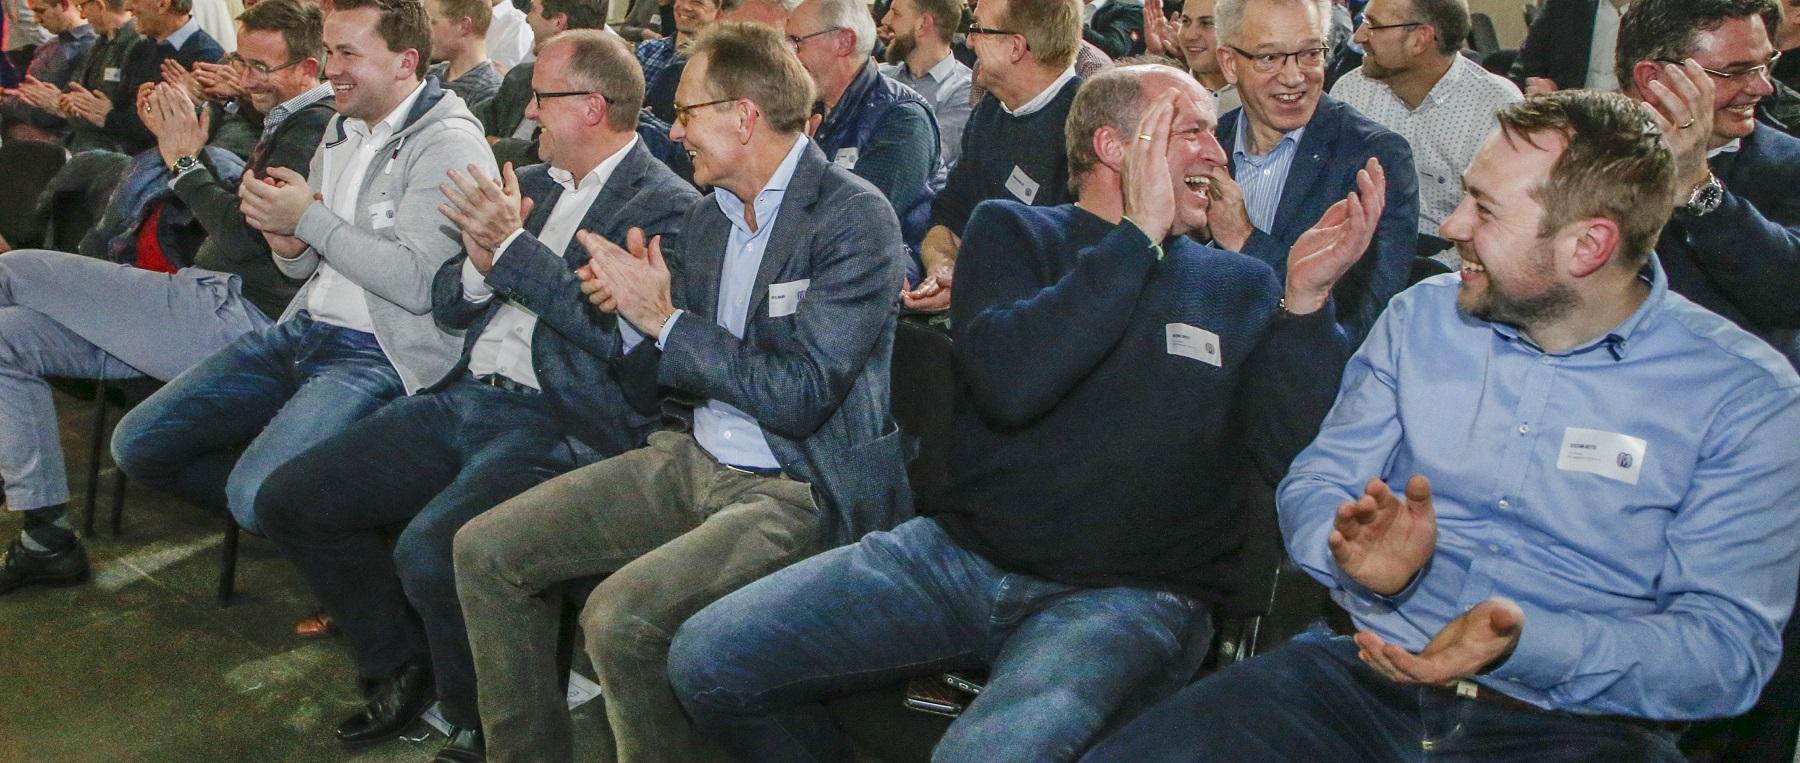 keynote erfolgreich motivieren mit keynote speaker Dr. Holger Schmitz